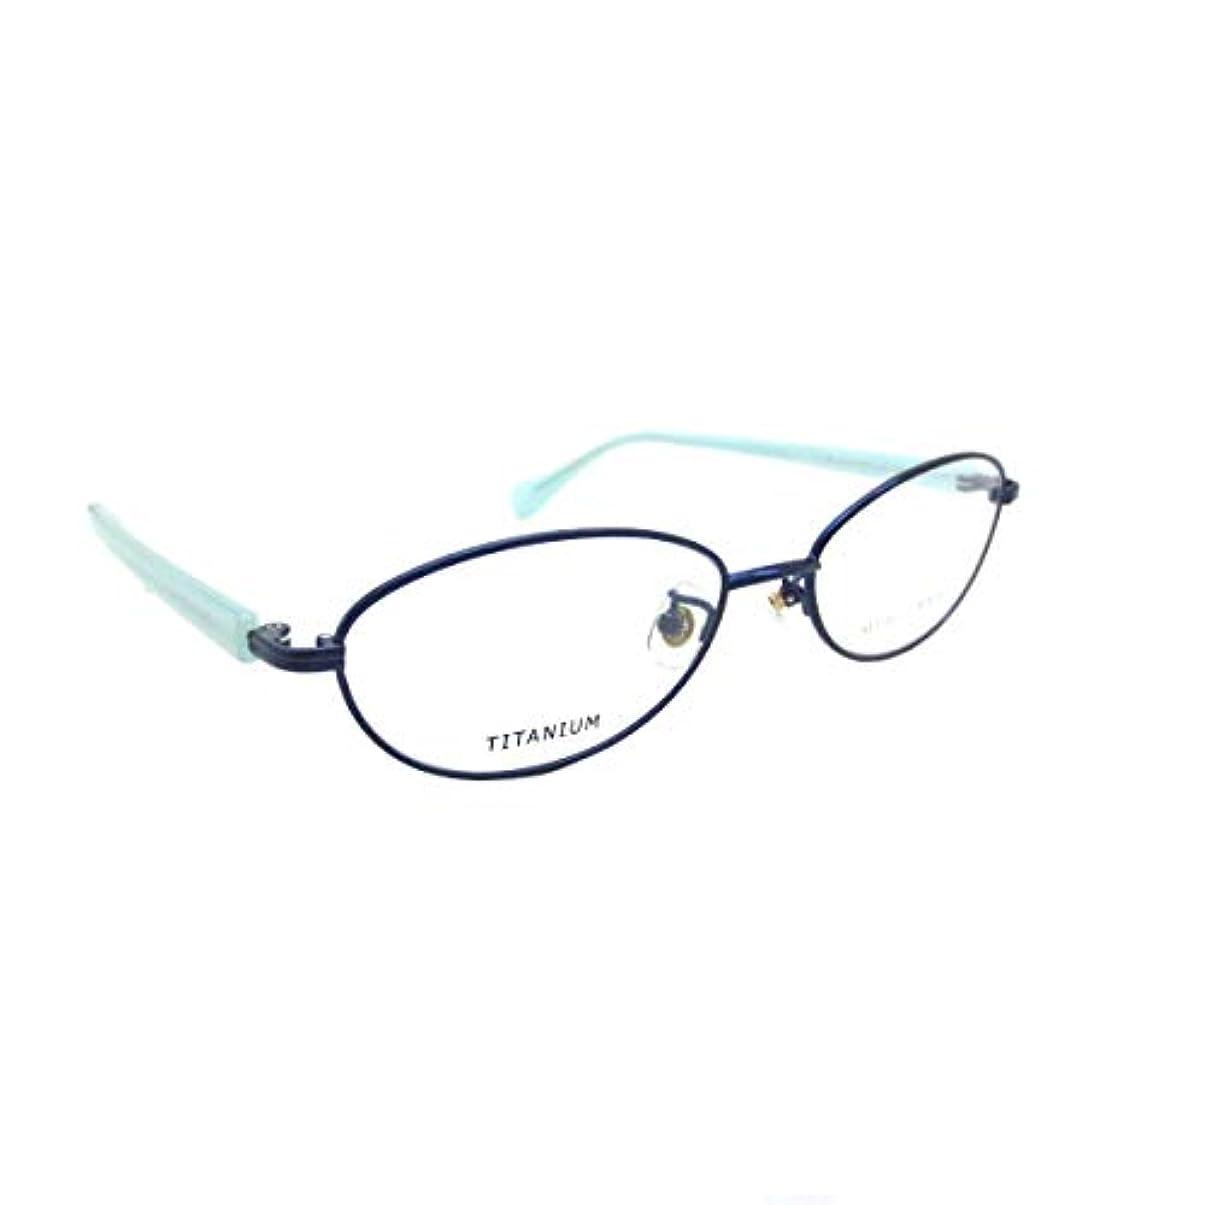 MERCURYDUO(マーキュリーデュオ)MDF6009 02(52)UVカットダテメガネにしてお届け